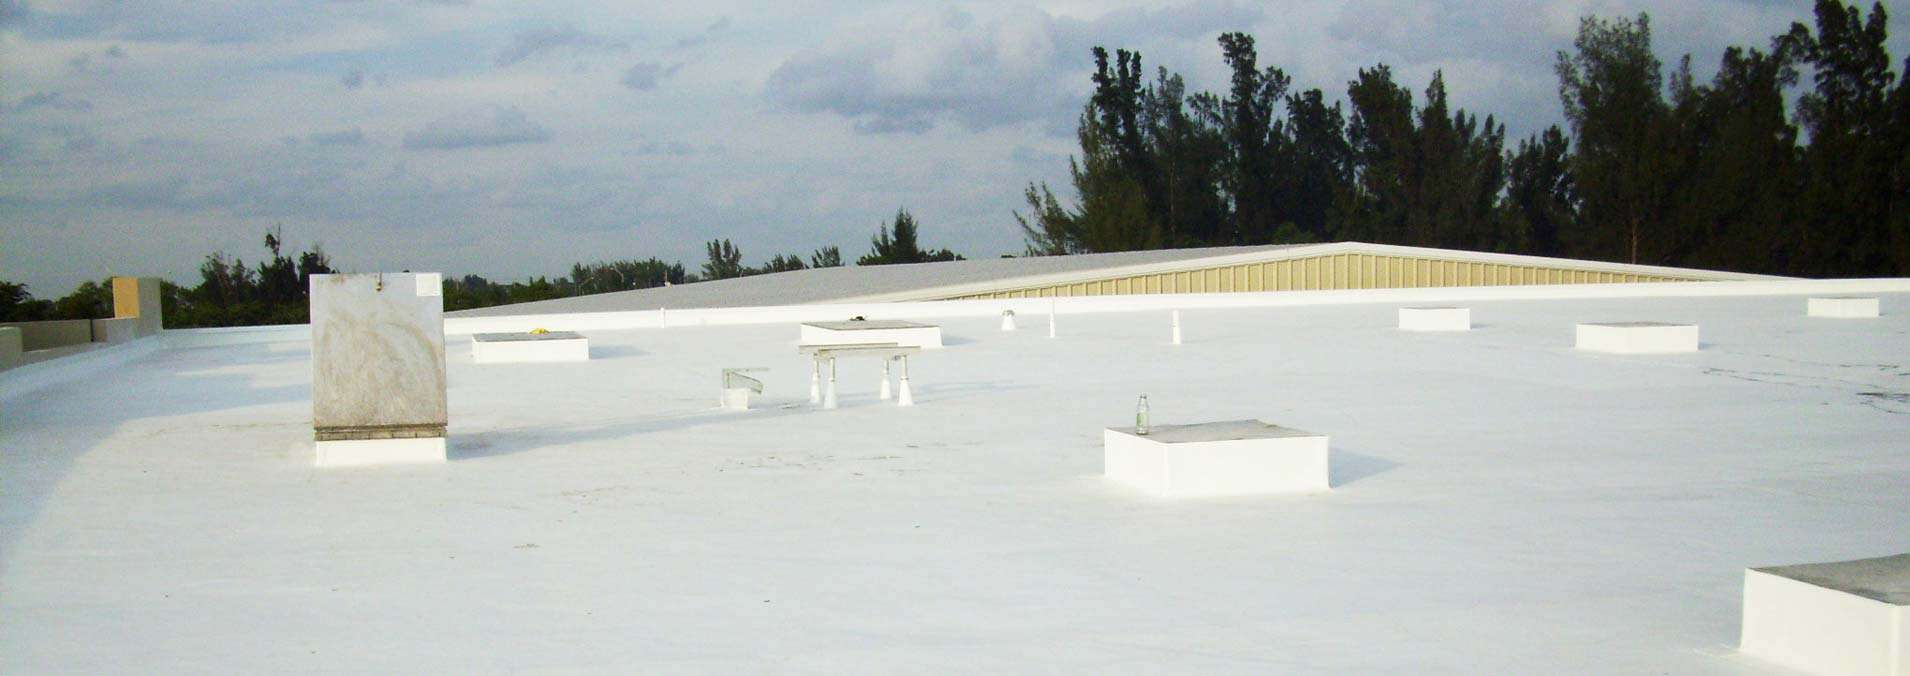 Rubber Roof Coatings Atlanta, GA